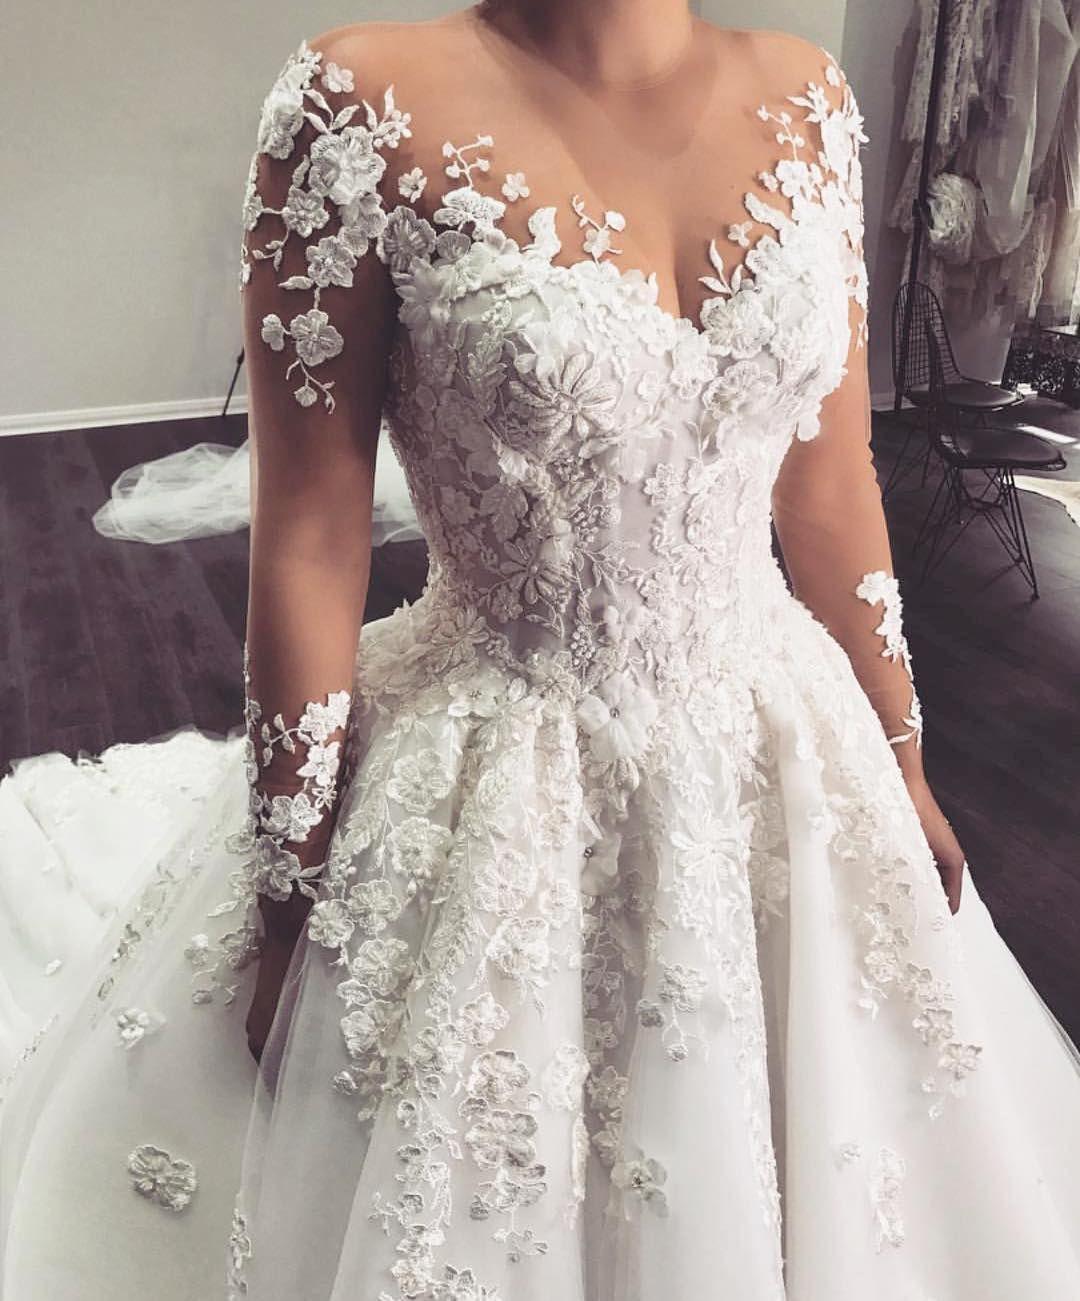 3 607 Vind Ik Leuks 15 Reacties The Catwalk Italia Tci Thecatwalkitalia Op In Long Sleeve Wedding Gowns Wedding Dresses Lace Wedding Gowns With Sleeves